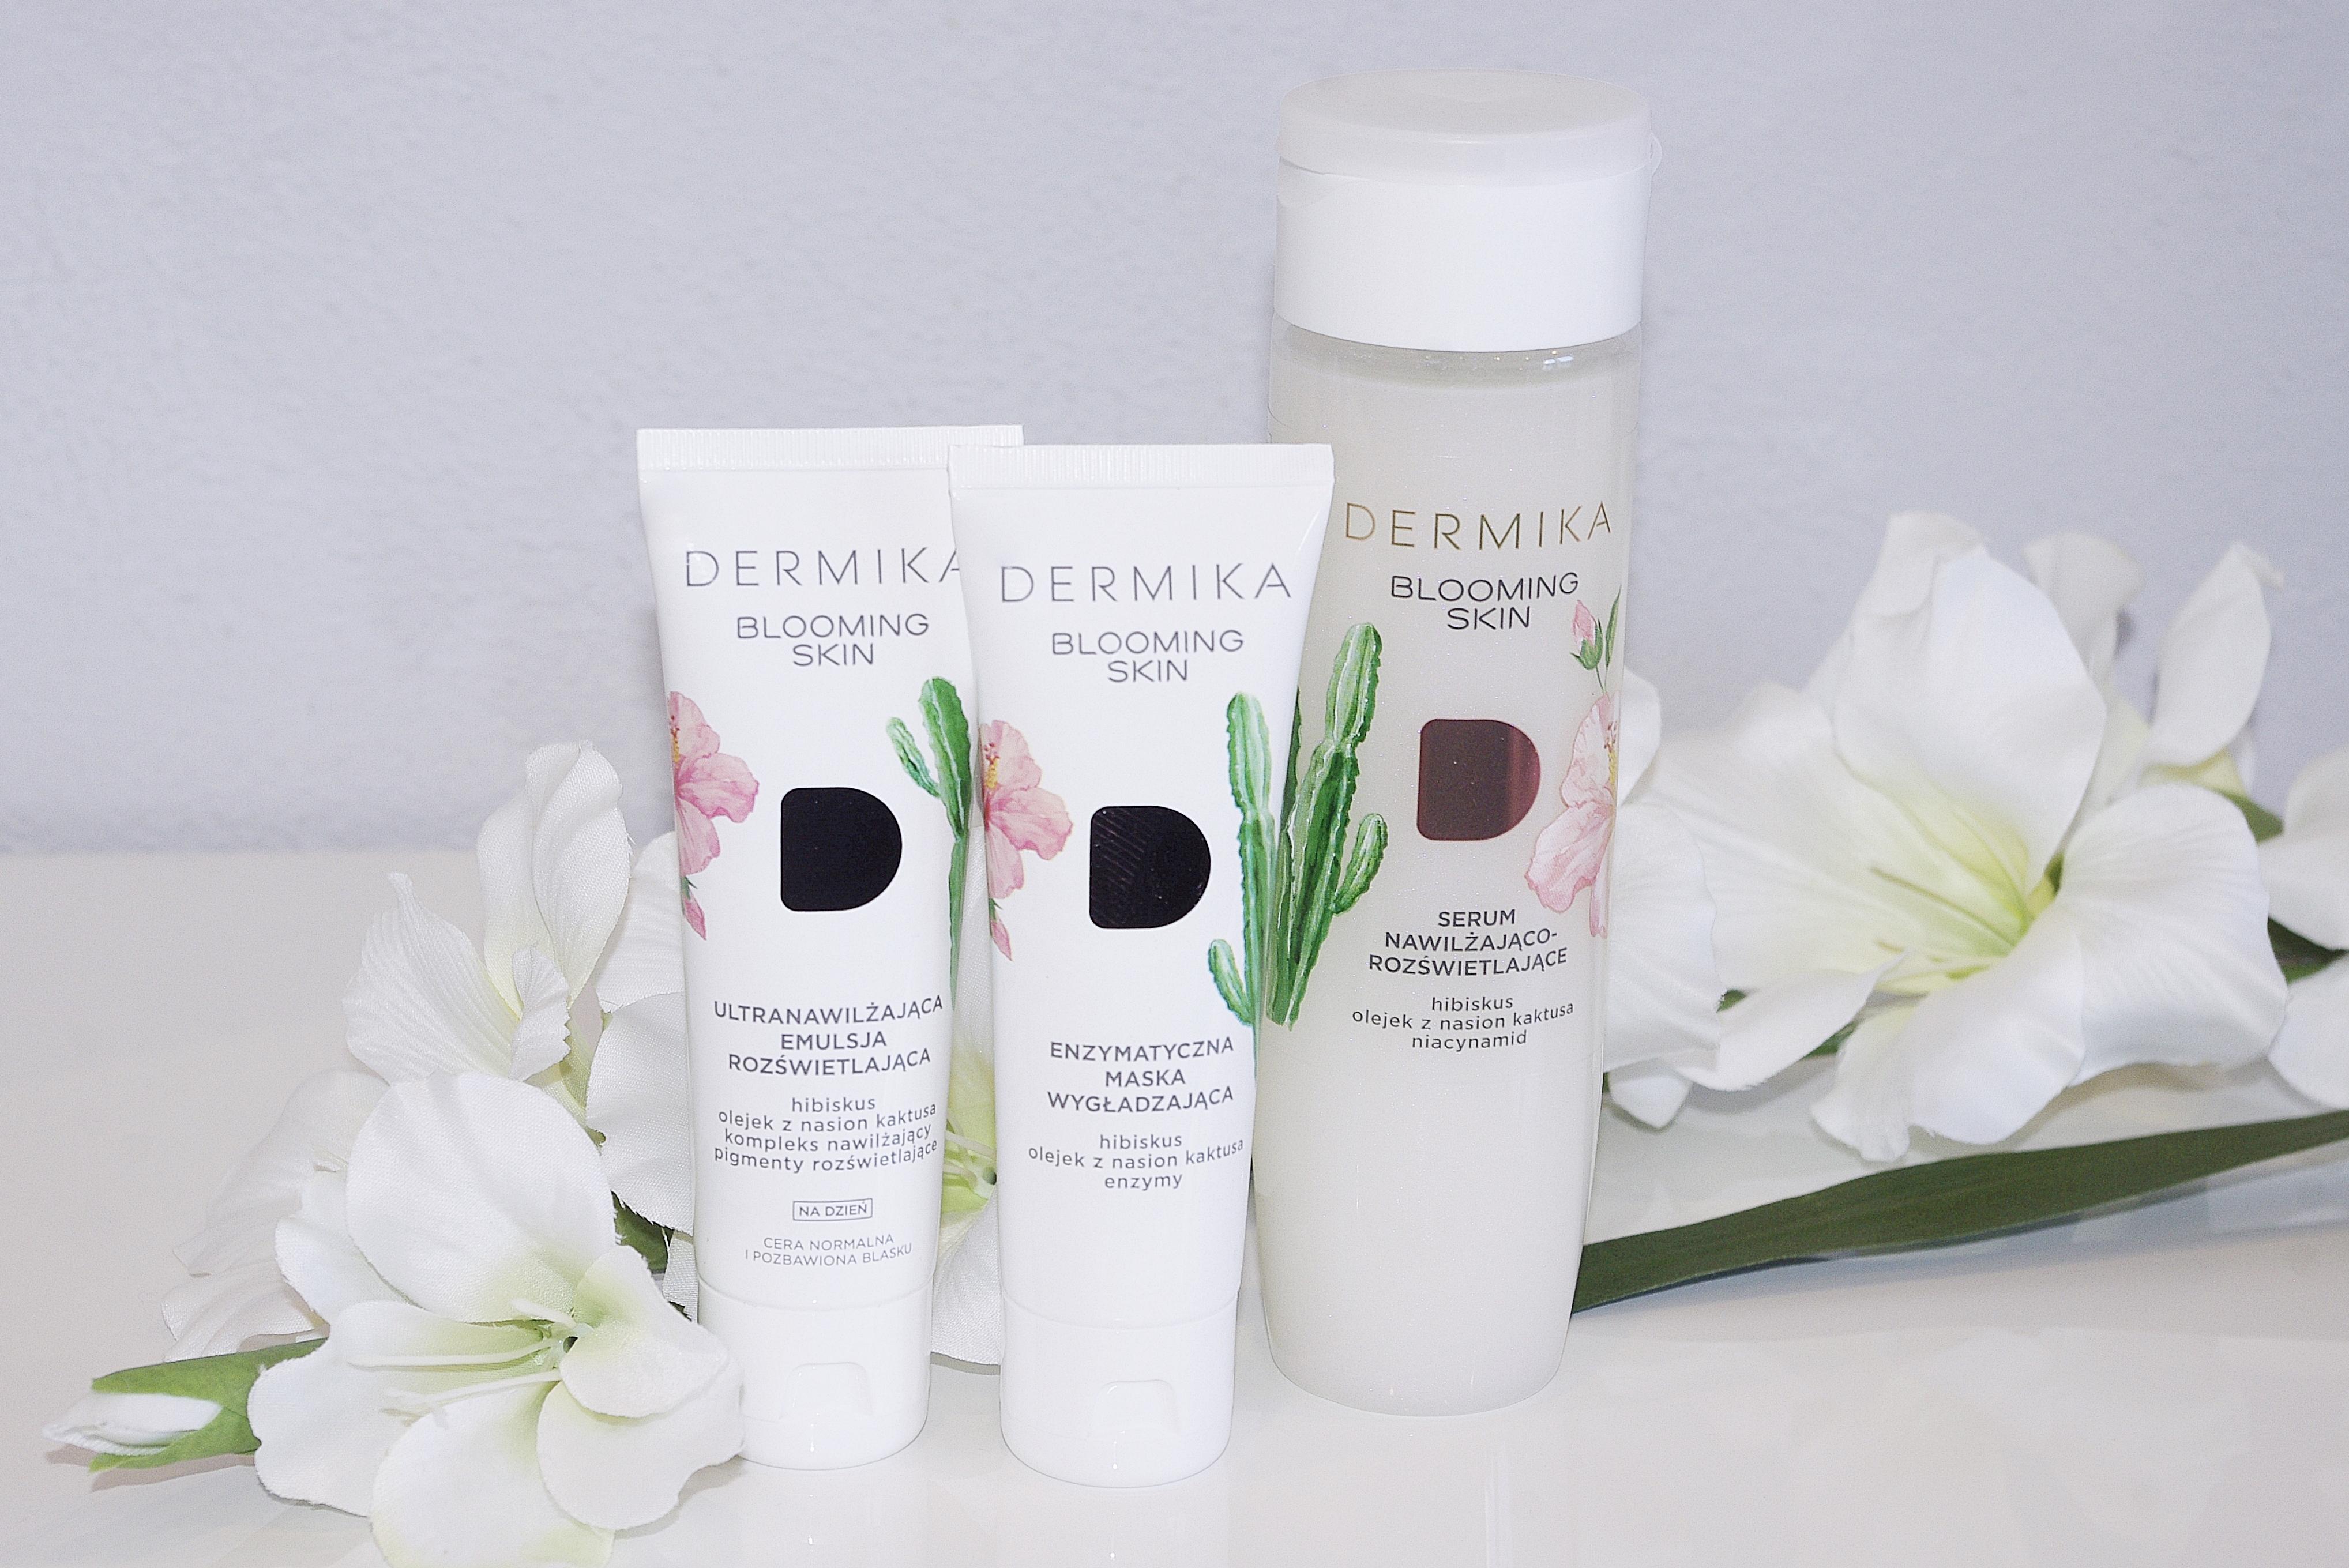 Dermika Blooming Skin